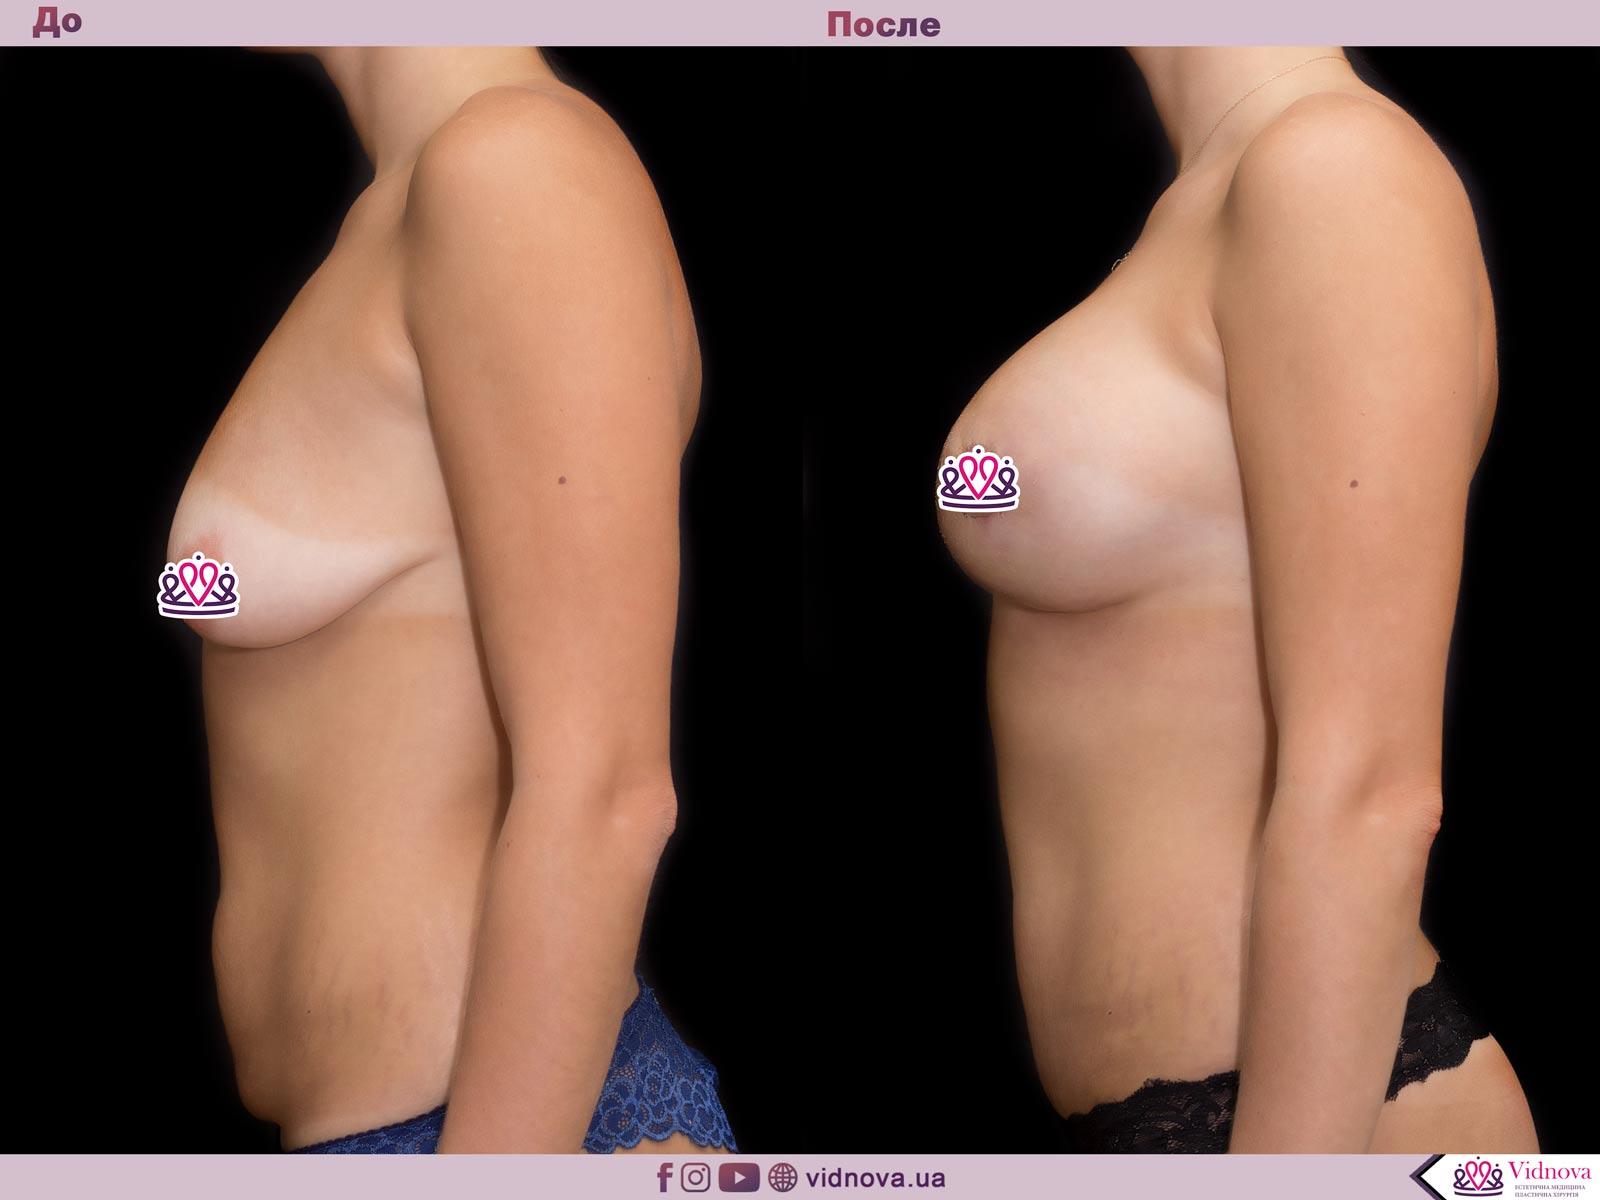 Совмещенные операции: Фото До и После - Пример №5-4 - Клиника Vidnova